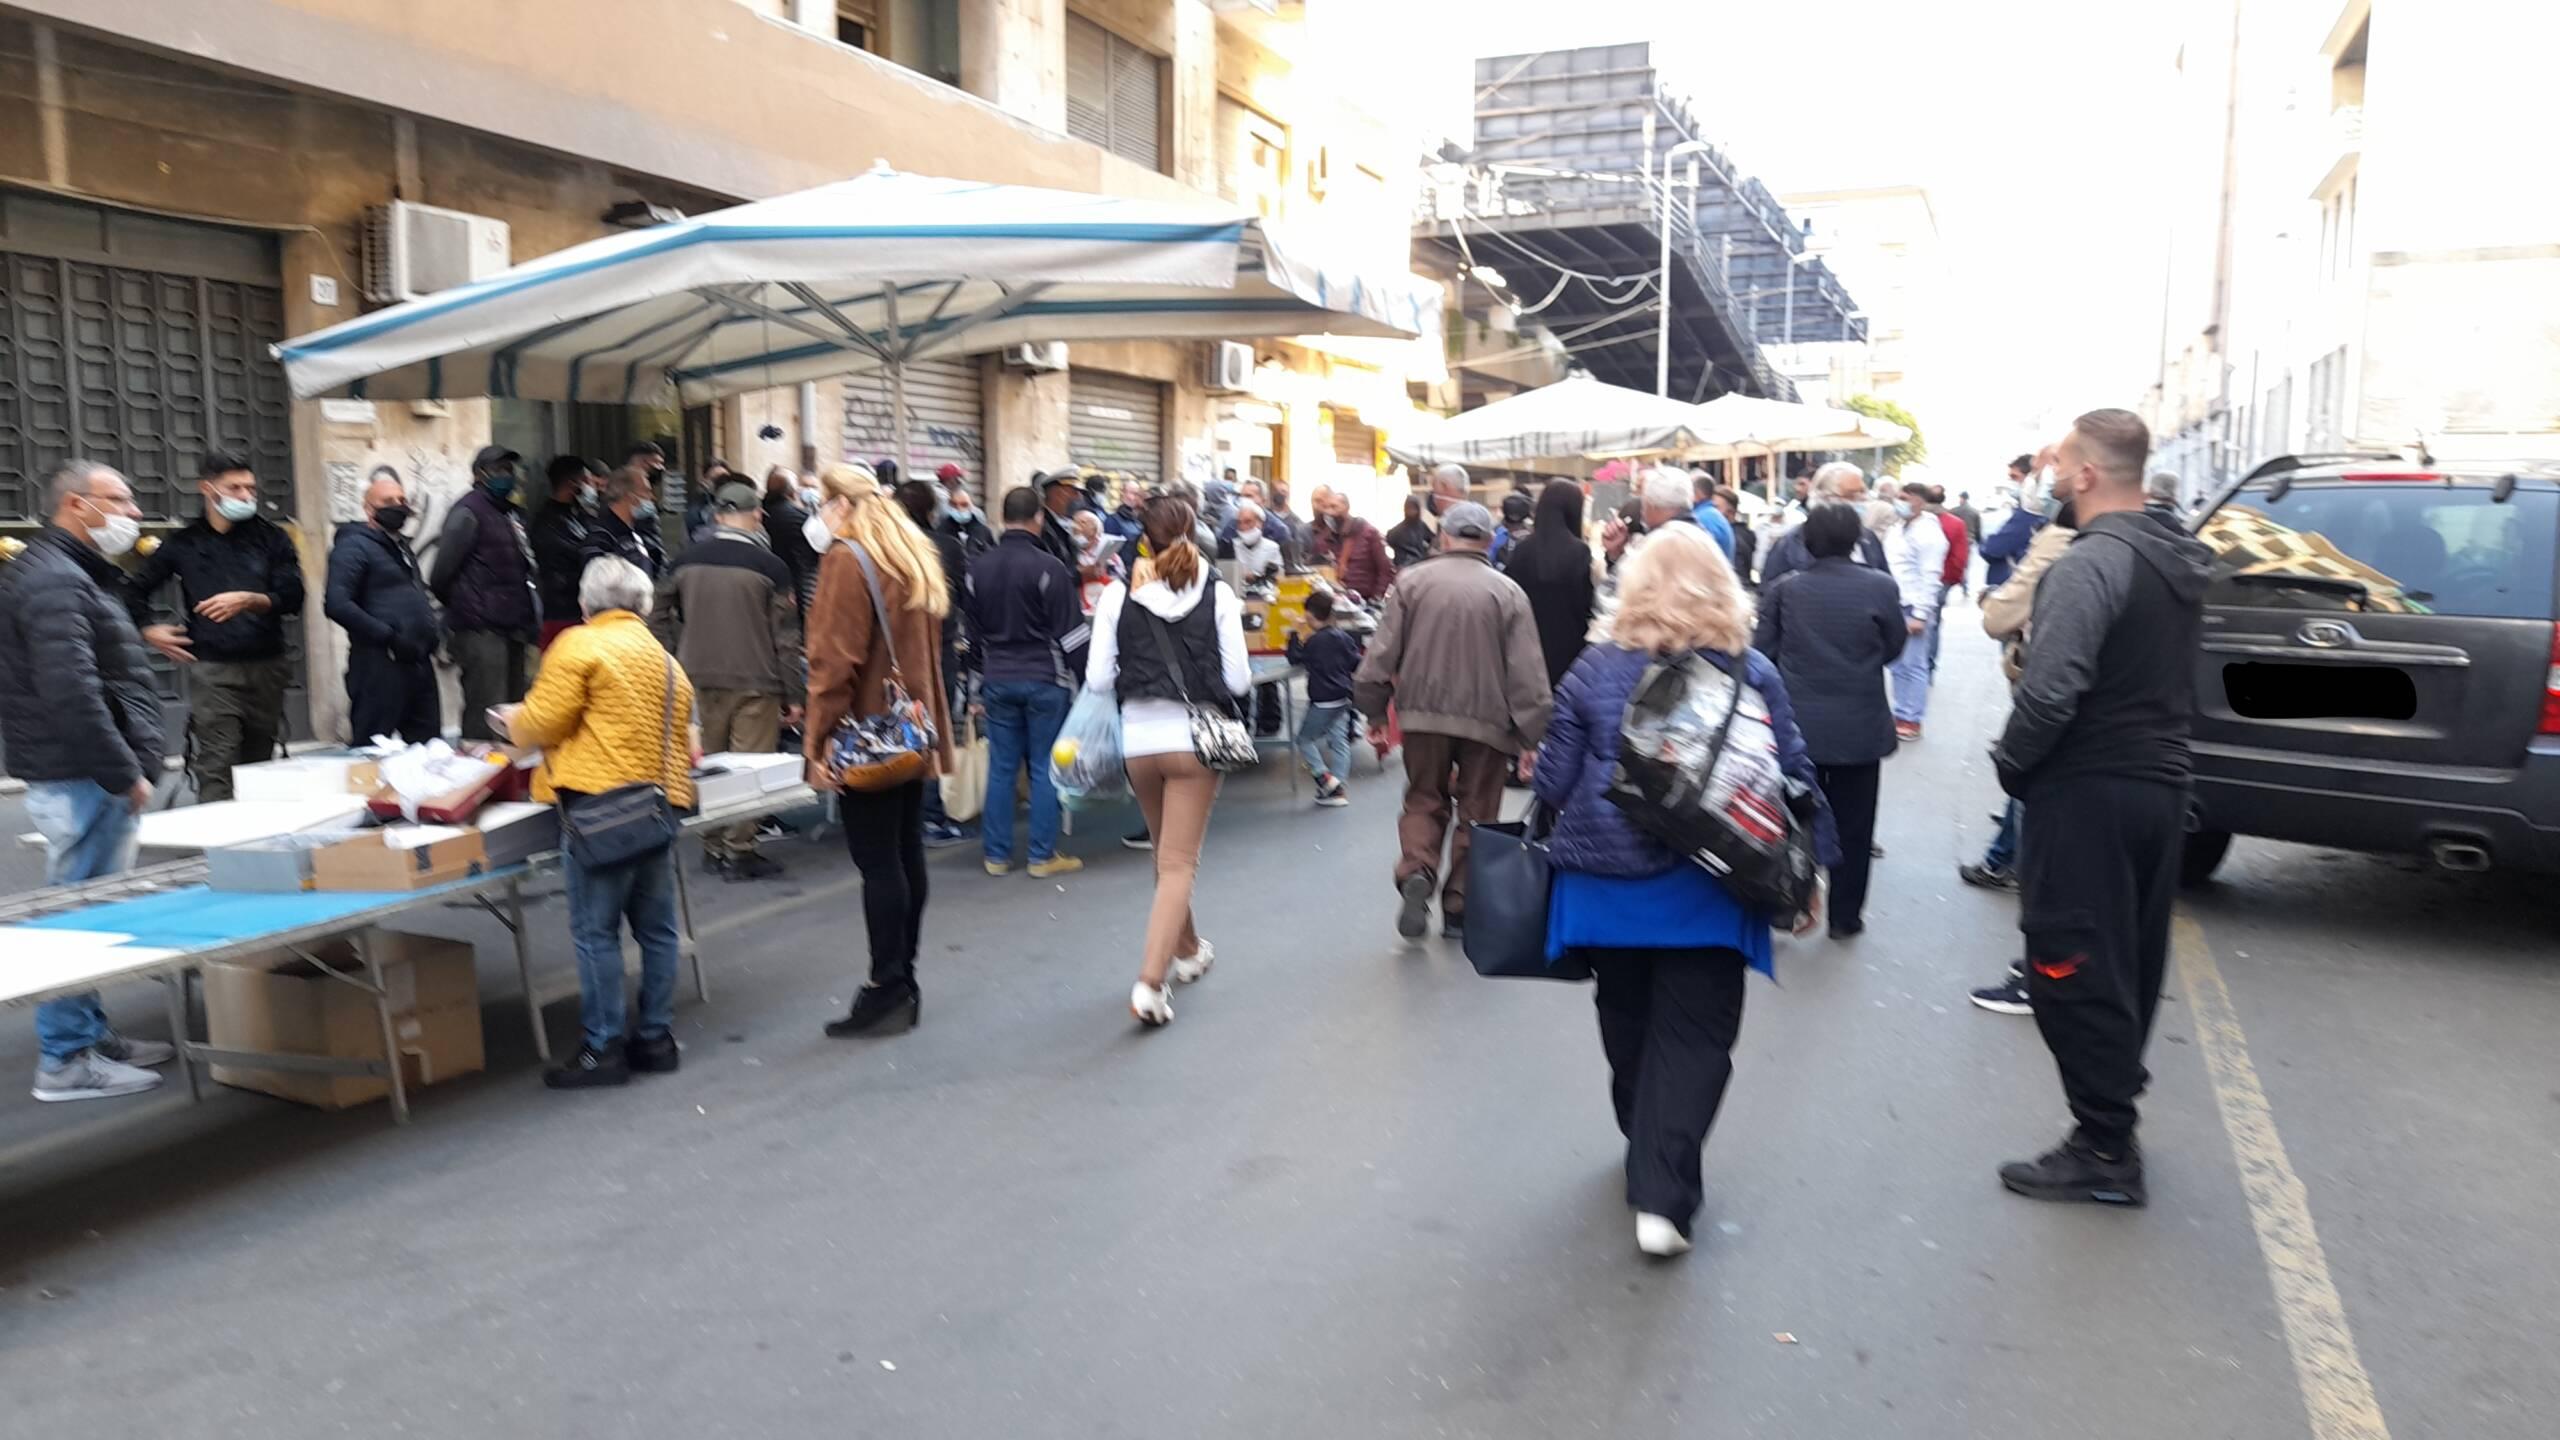 """Catania, municipale irrompe """"a Fera o Luni"""" e obbliga la chiusura. La denuncia della Federazione del Sociale USB"""